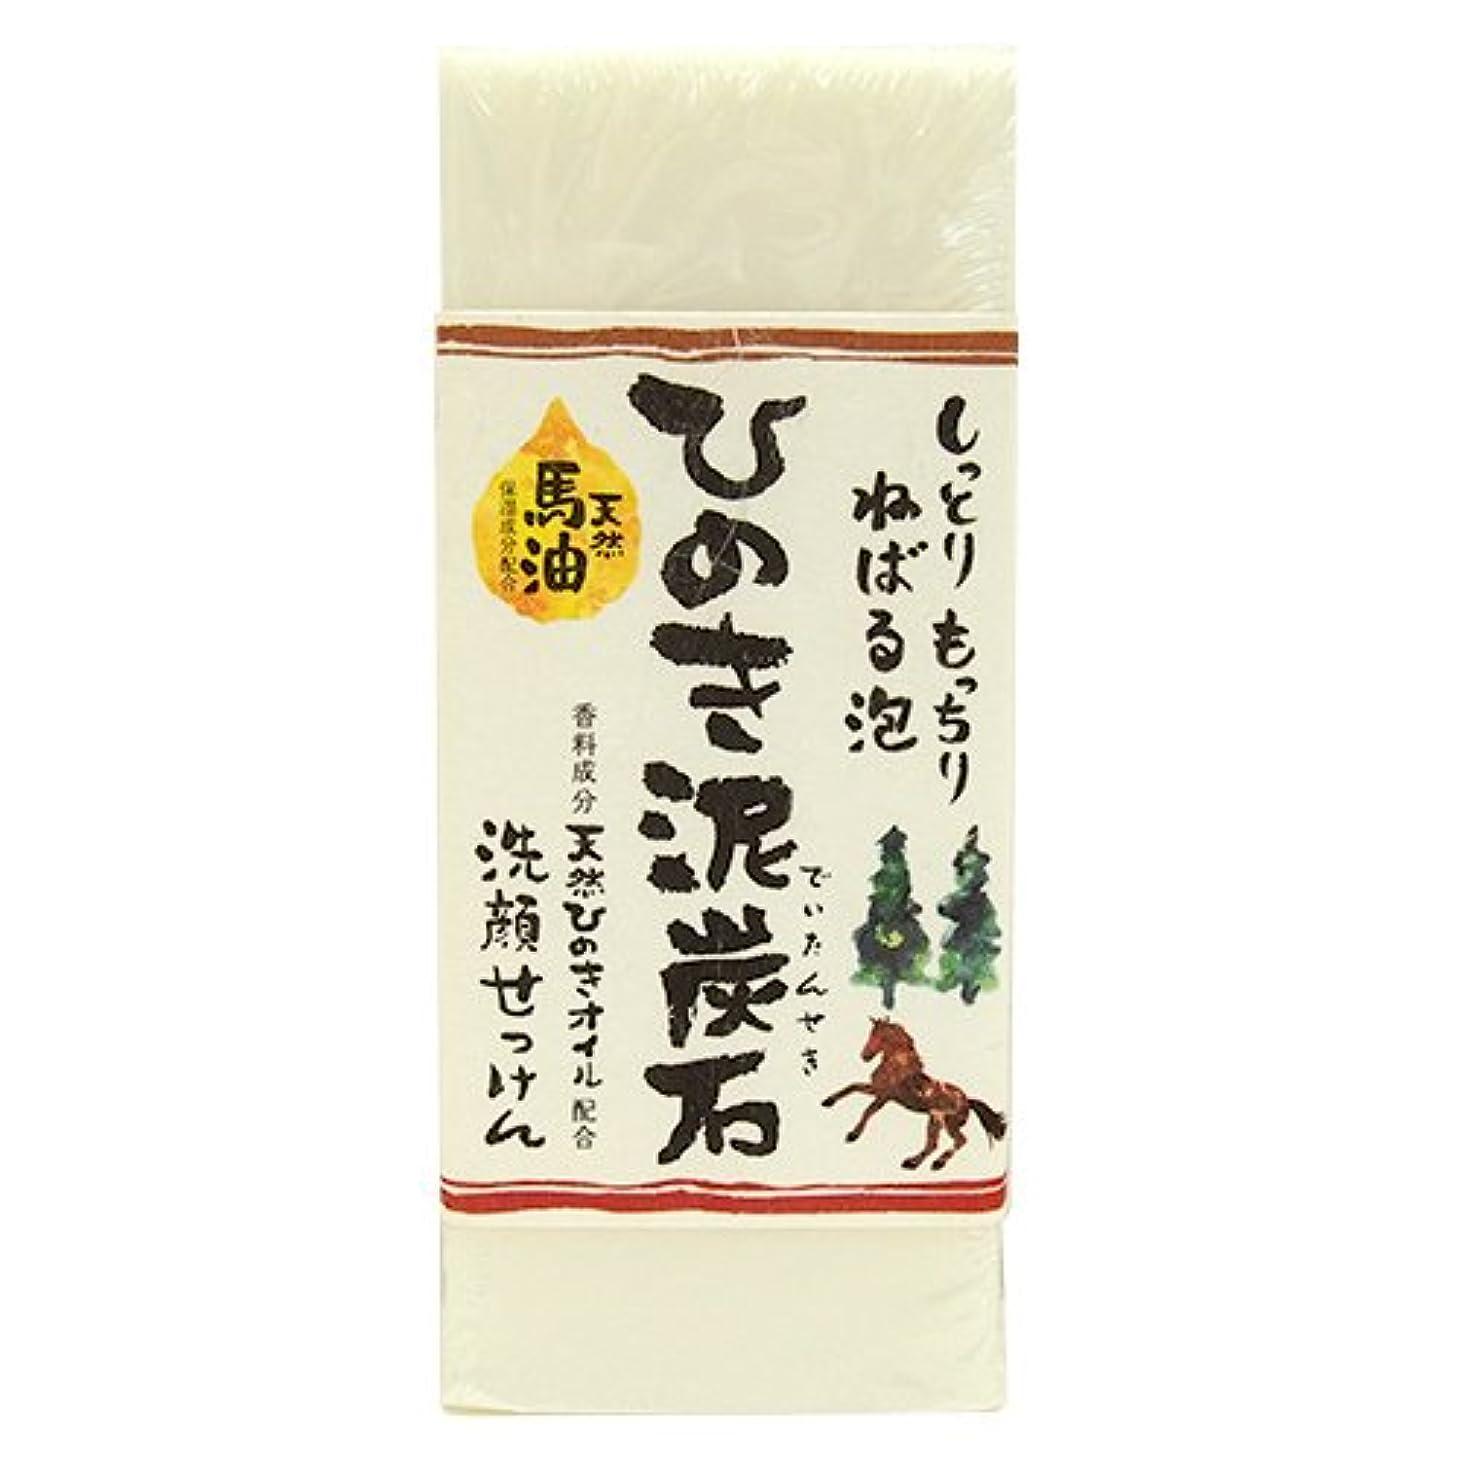 きしむ窒息させる人気ひのき泥炭石 洗顔せっけん うるおいタイプ 白 150g